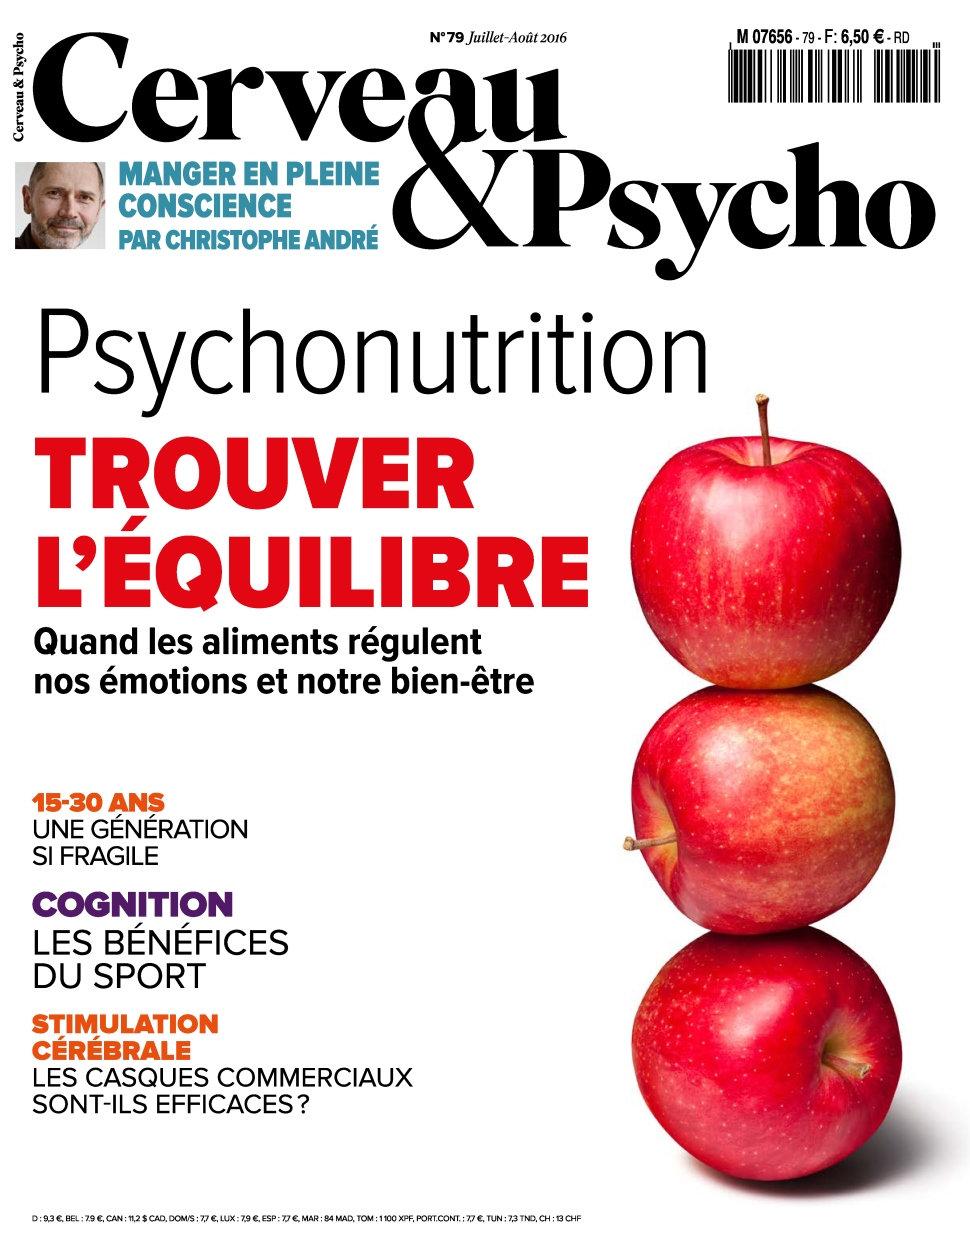 Cerveau & Psycho N°79 - Juillet/Aout 2016